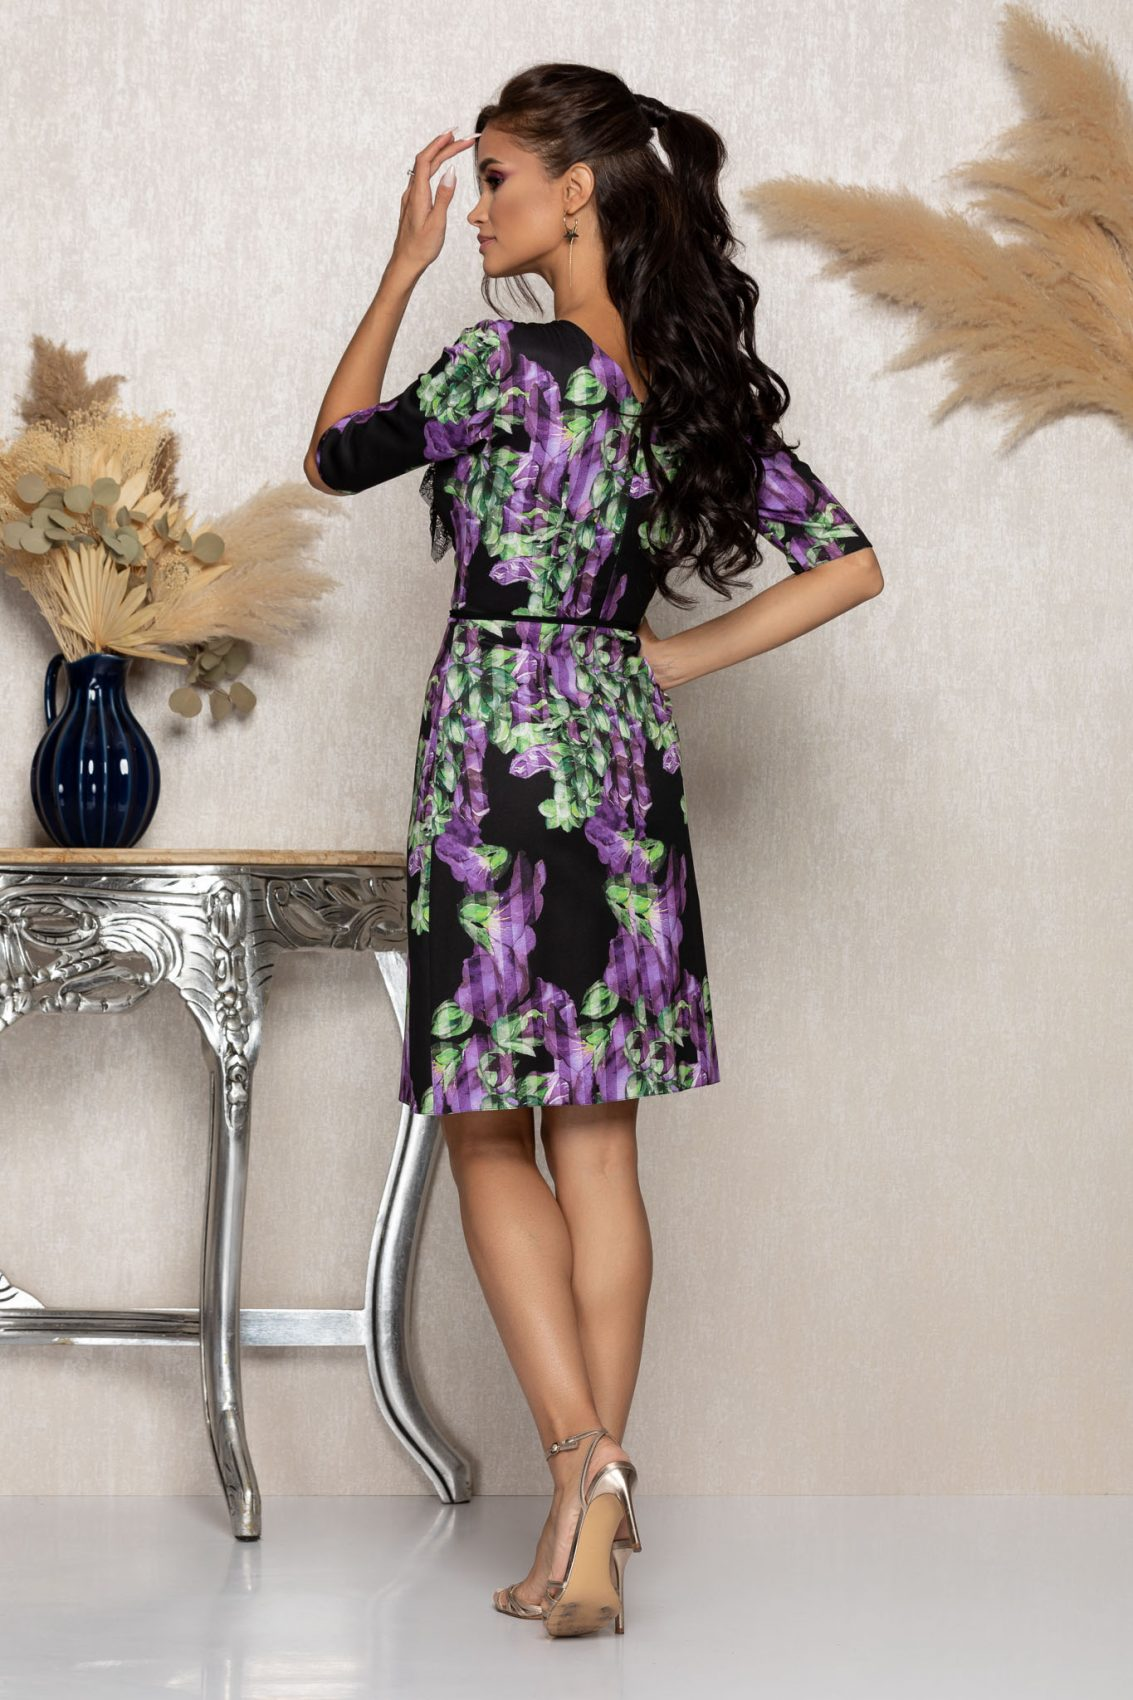 Μαύρο Φλοράλ Φόρεμα Με Δαντέλα Floria A972 2